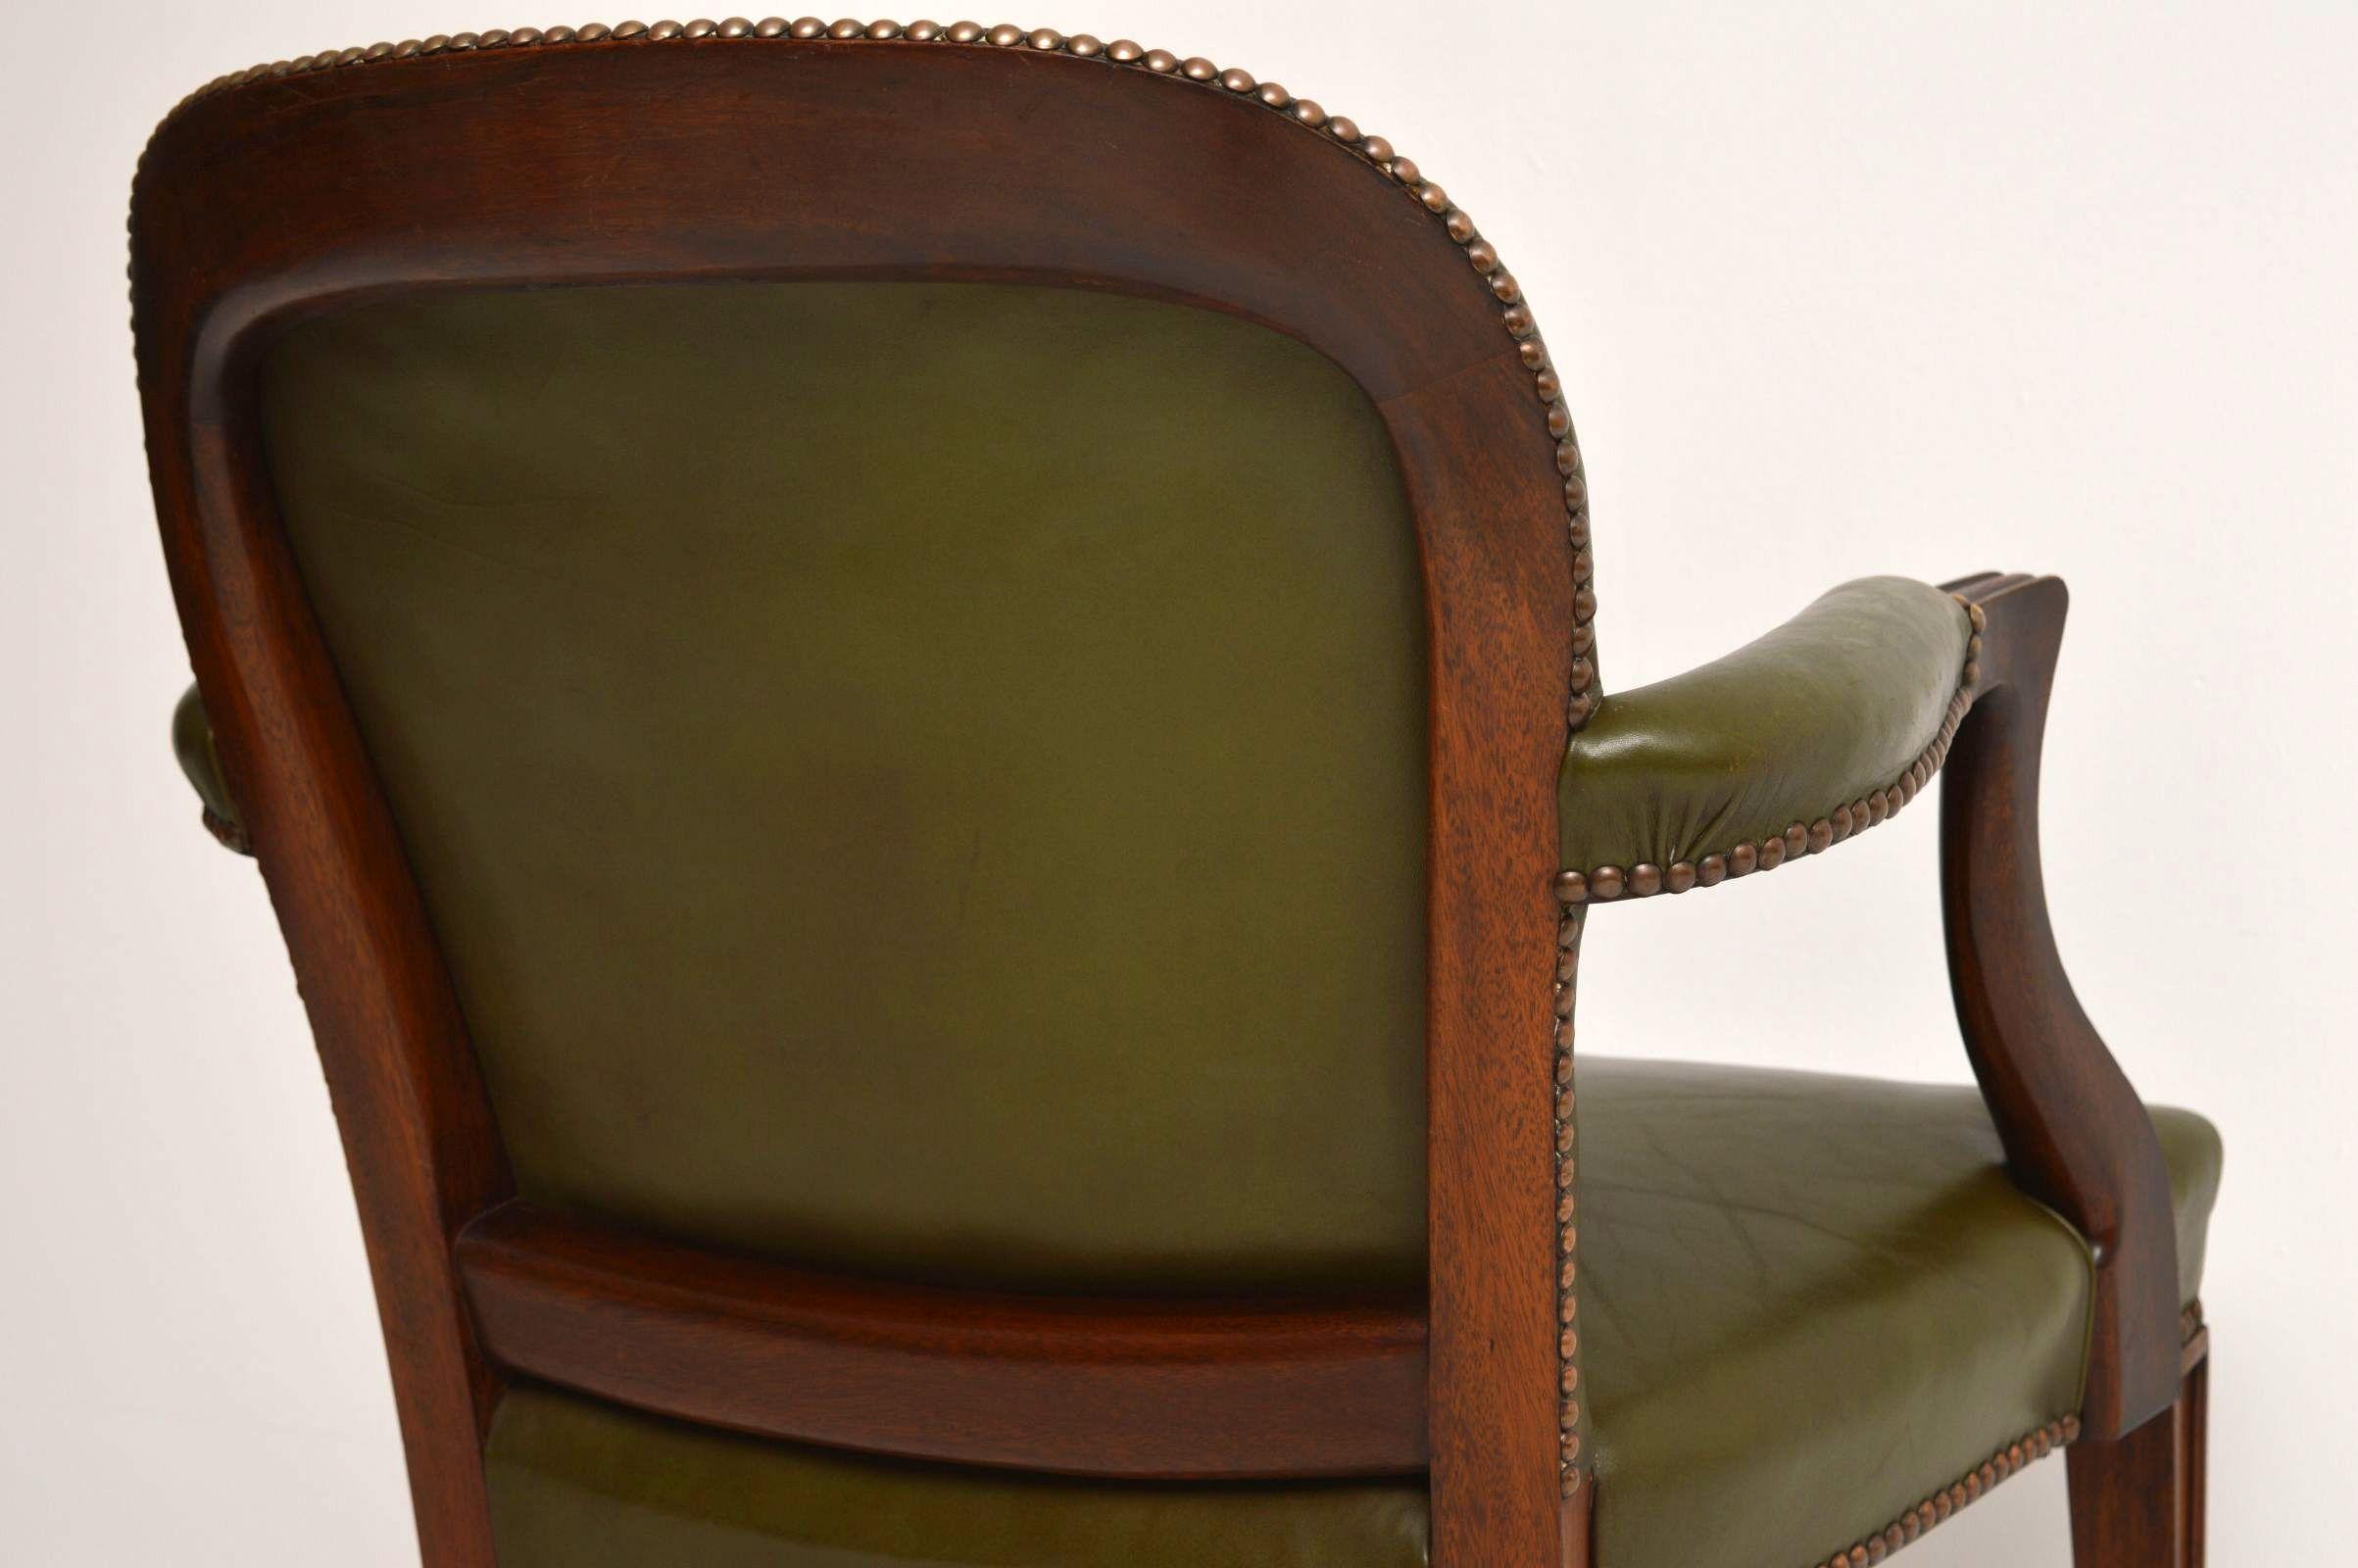 Leder Schreibtischstuhl antiker mahagoni und leder schreibtischstuhl sessel